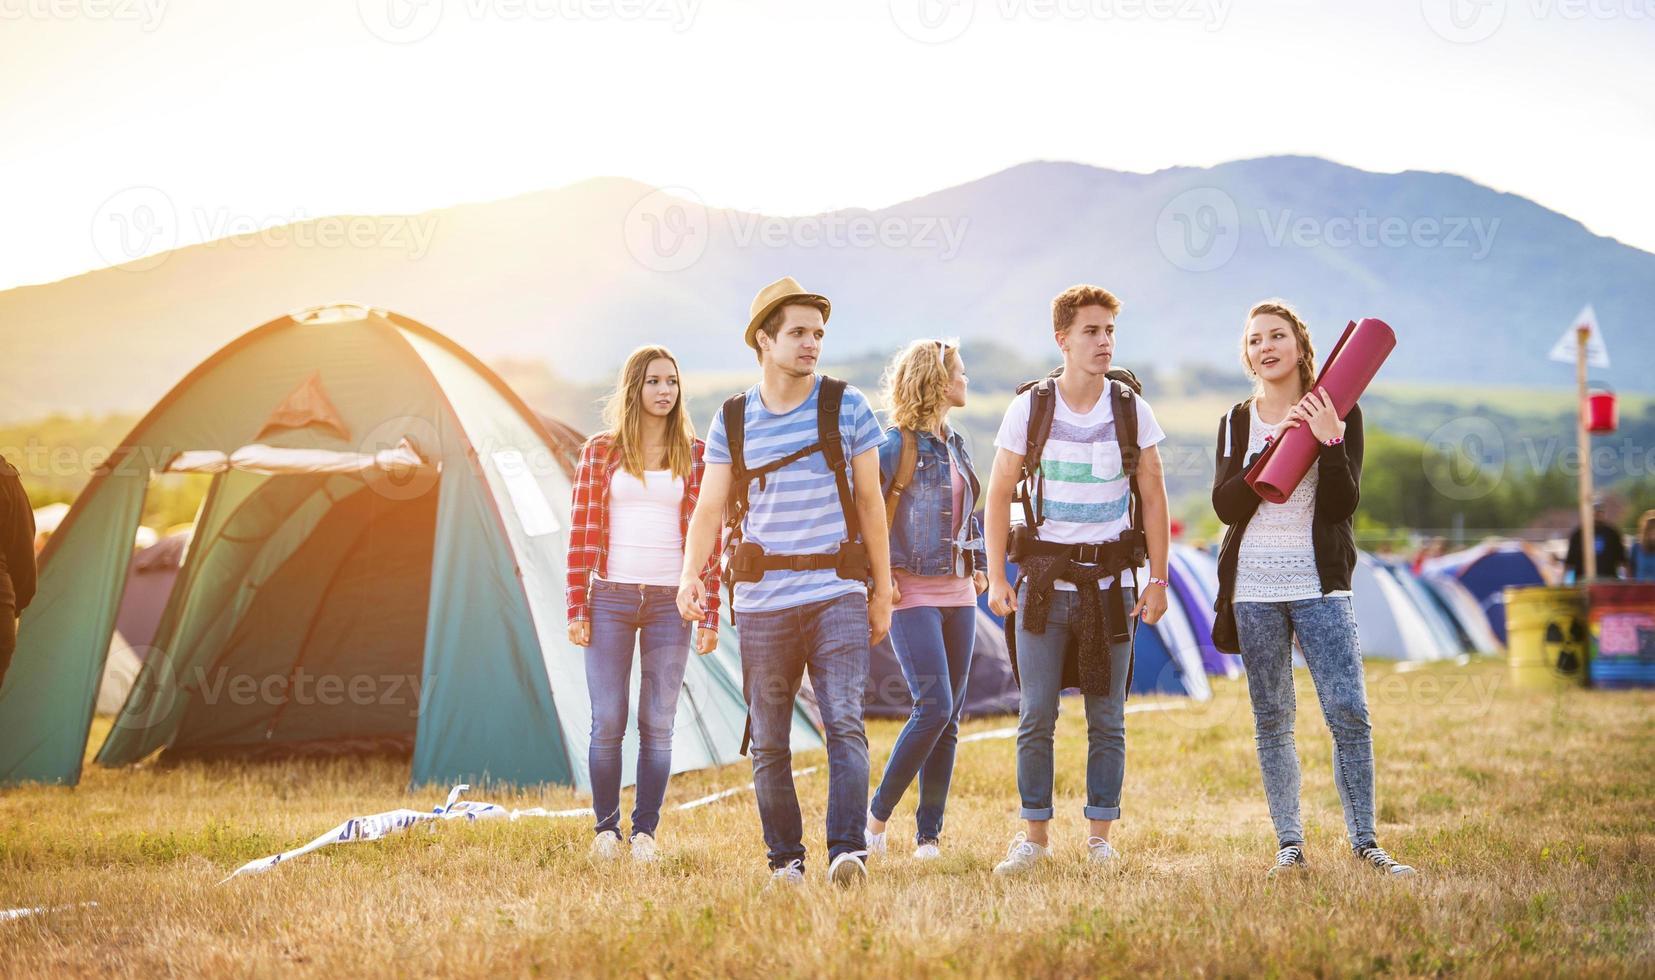 schöne Teenager beim Sommerfest foto